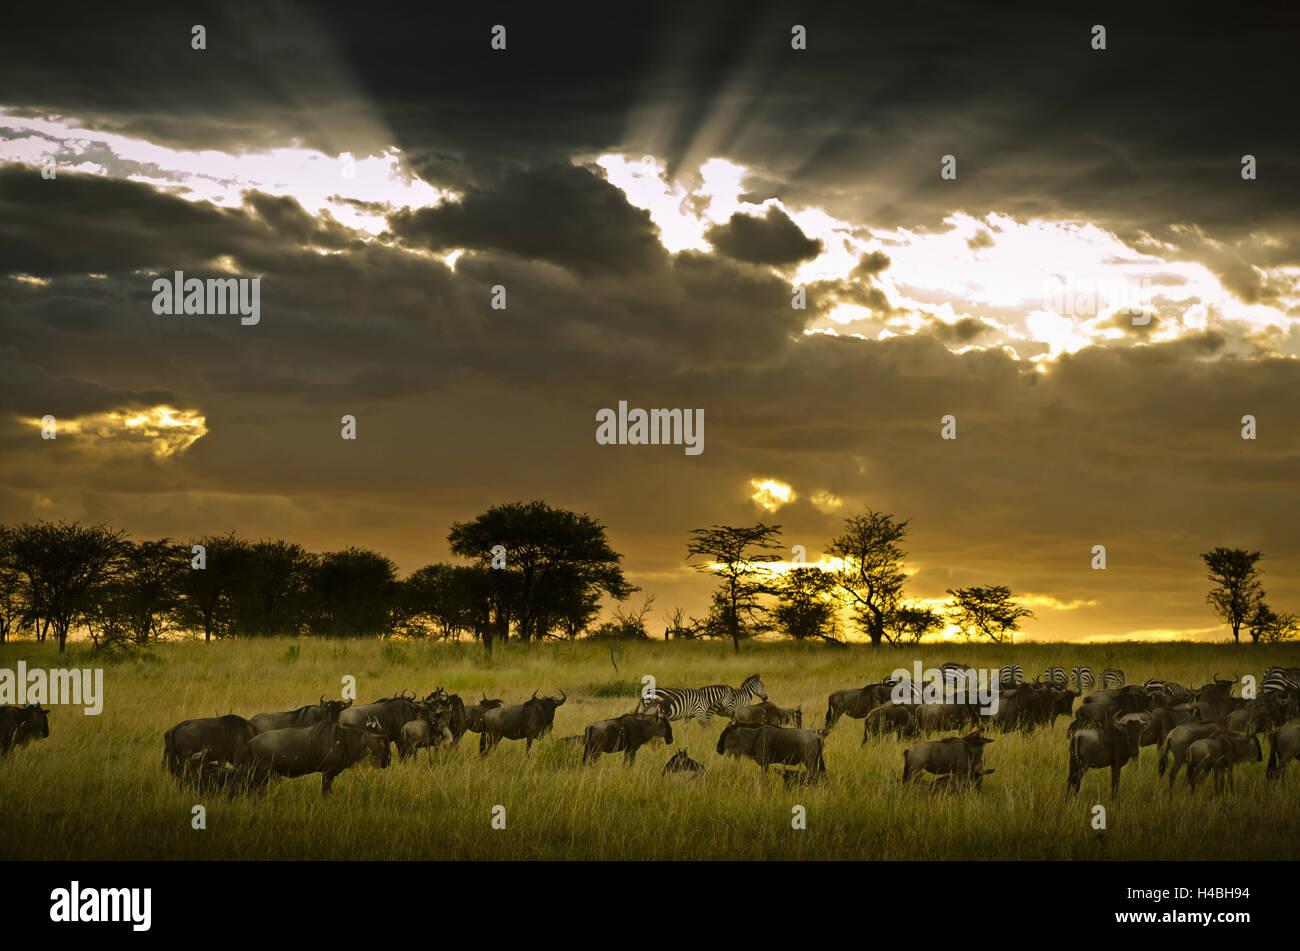 L'Afrique, Afrique de l'Est, la Tanzanie, le Serengeti, monde animal, gnous, zèbres, Photo Stock